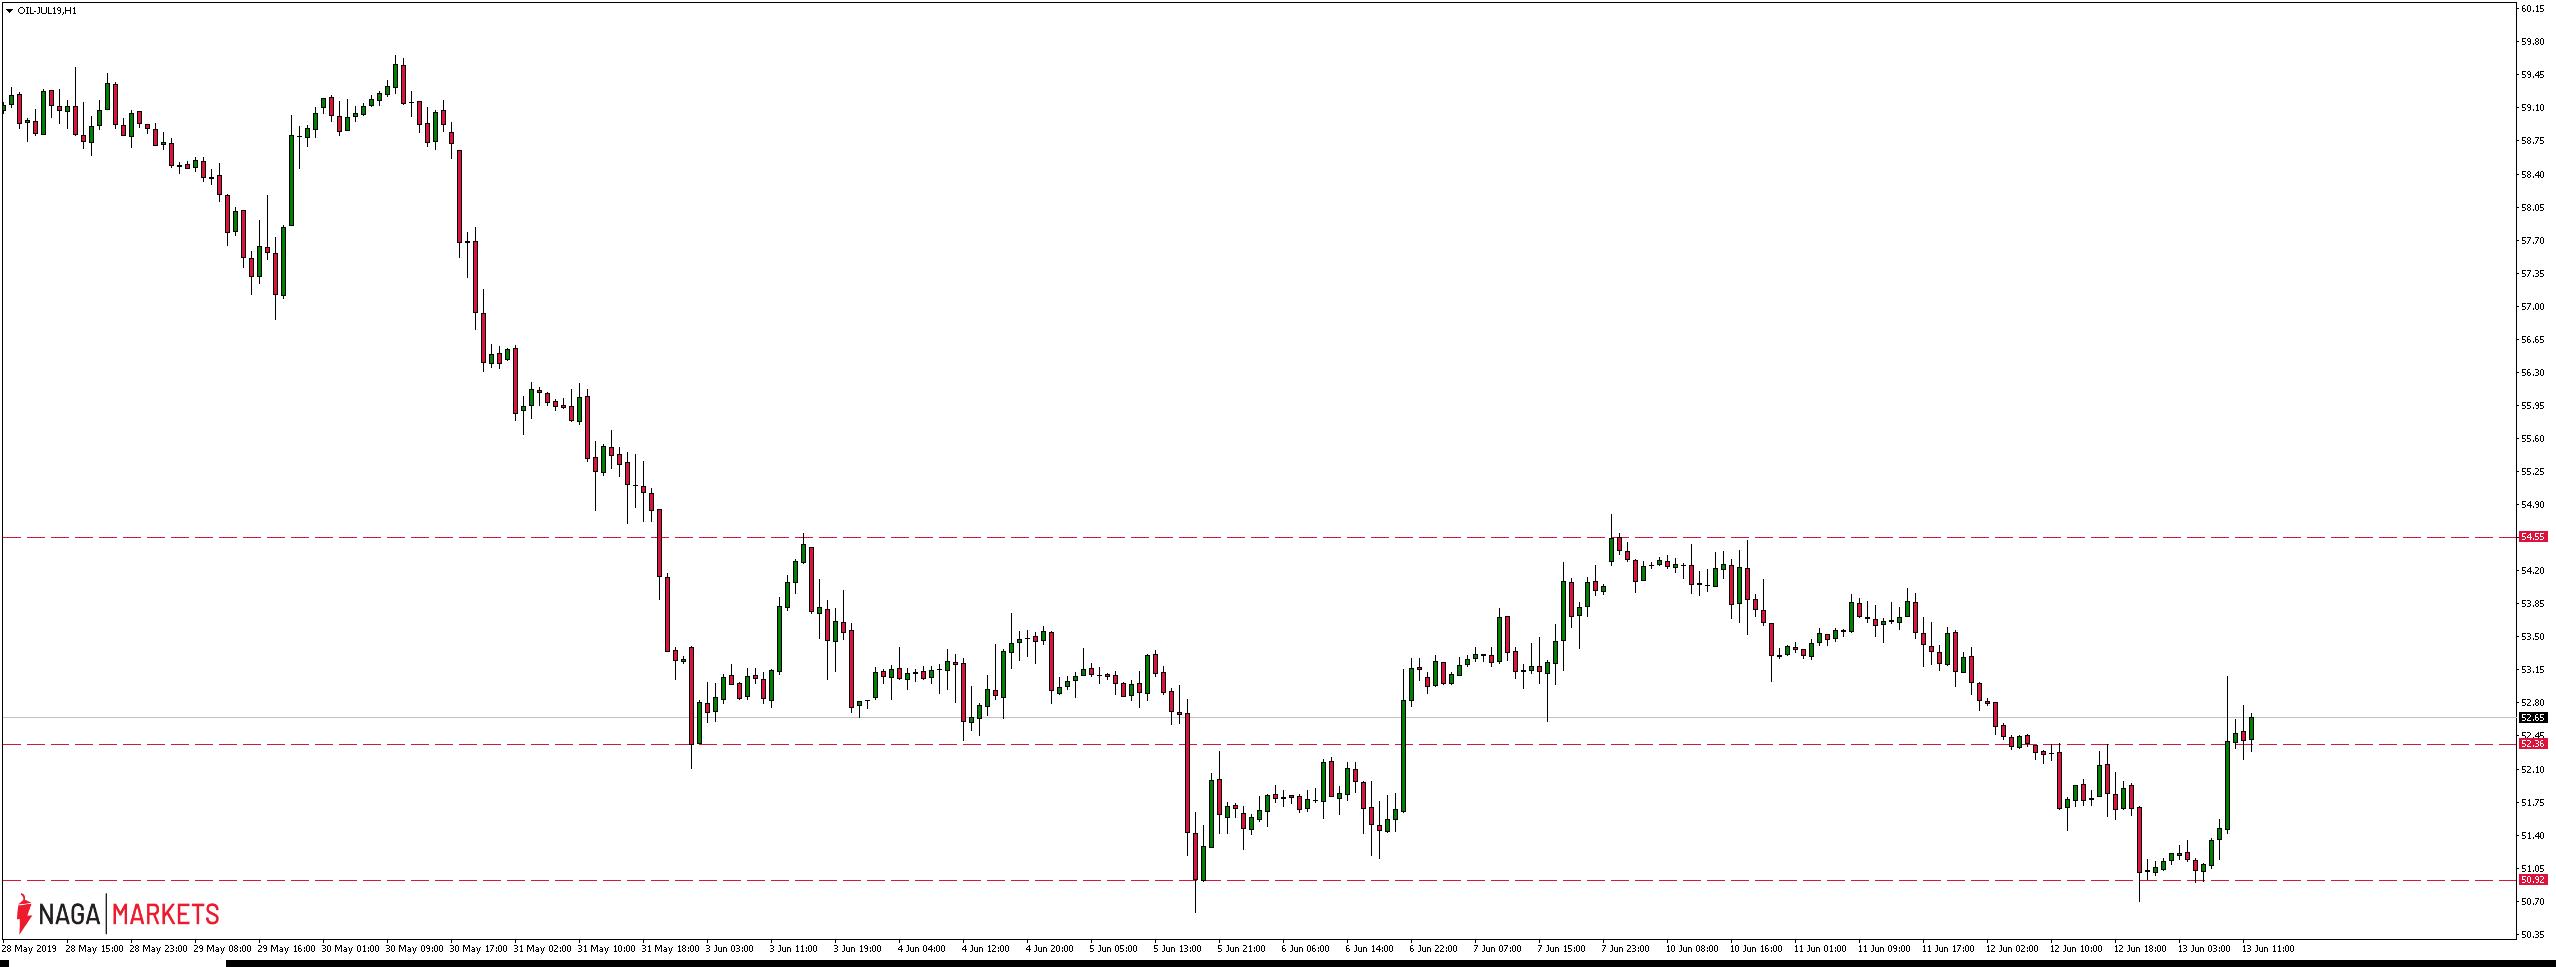 Cena ropy zyskuje w trakcie czwartkowej sesji